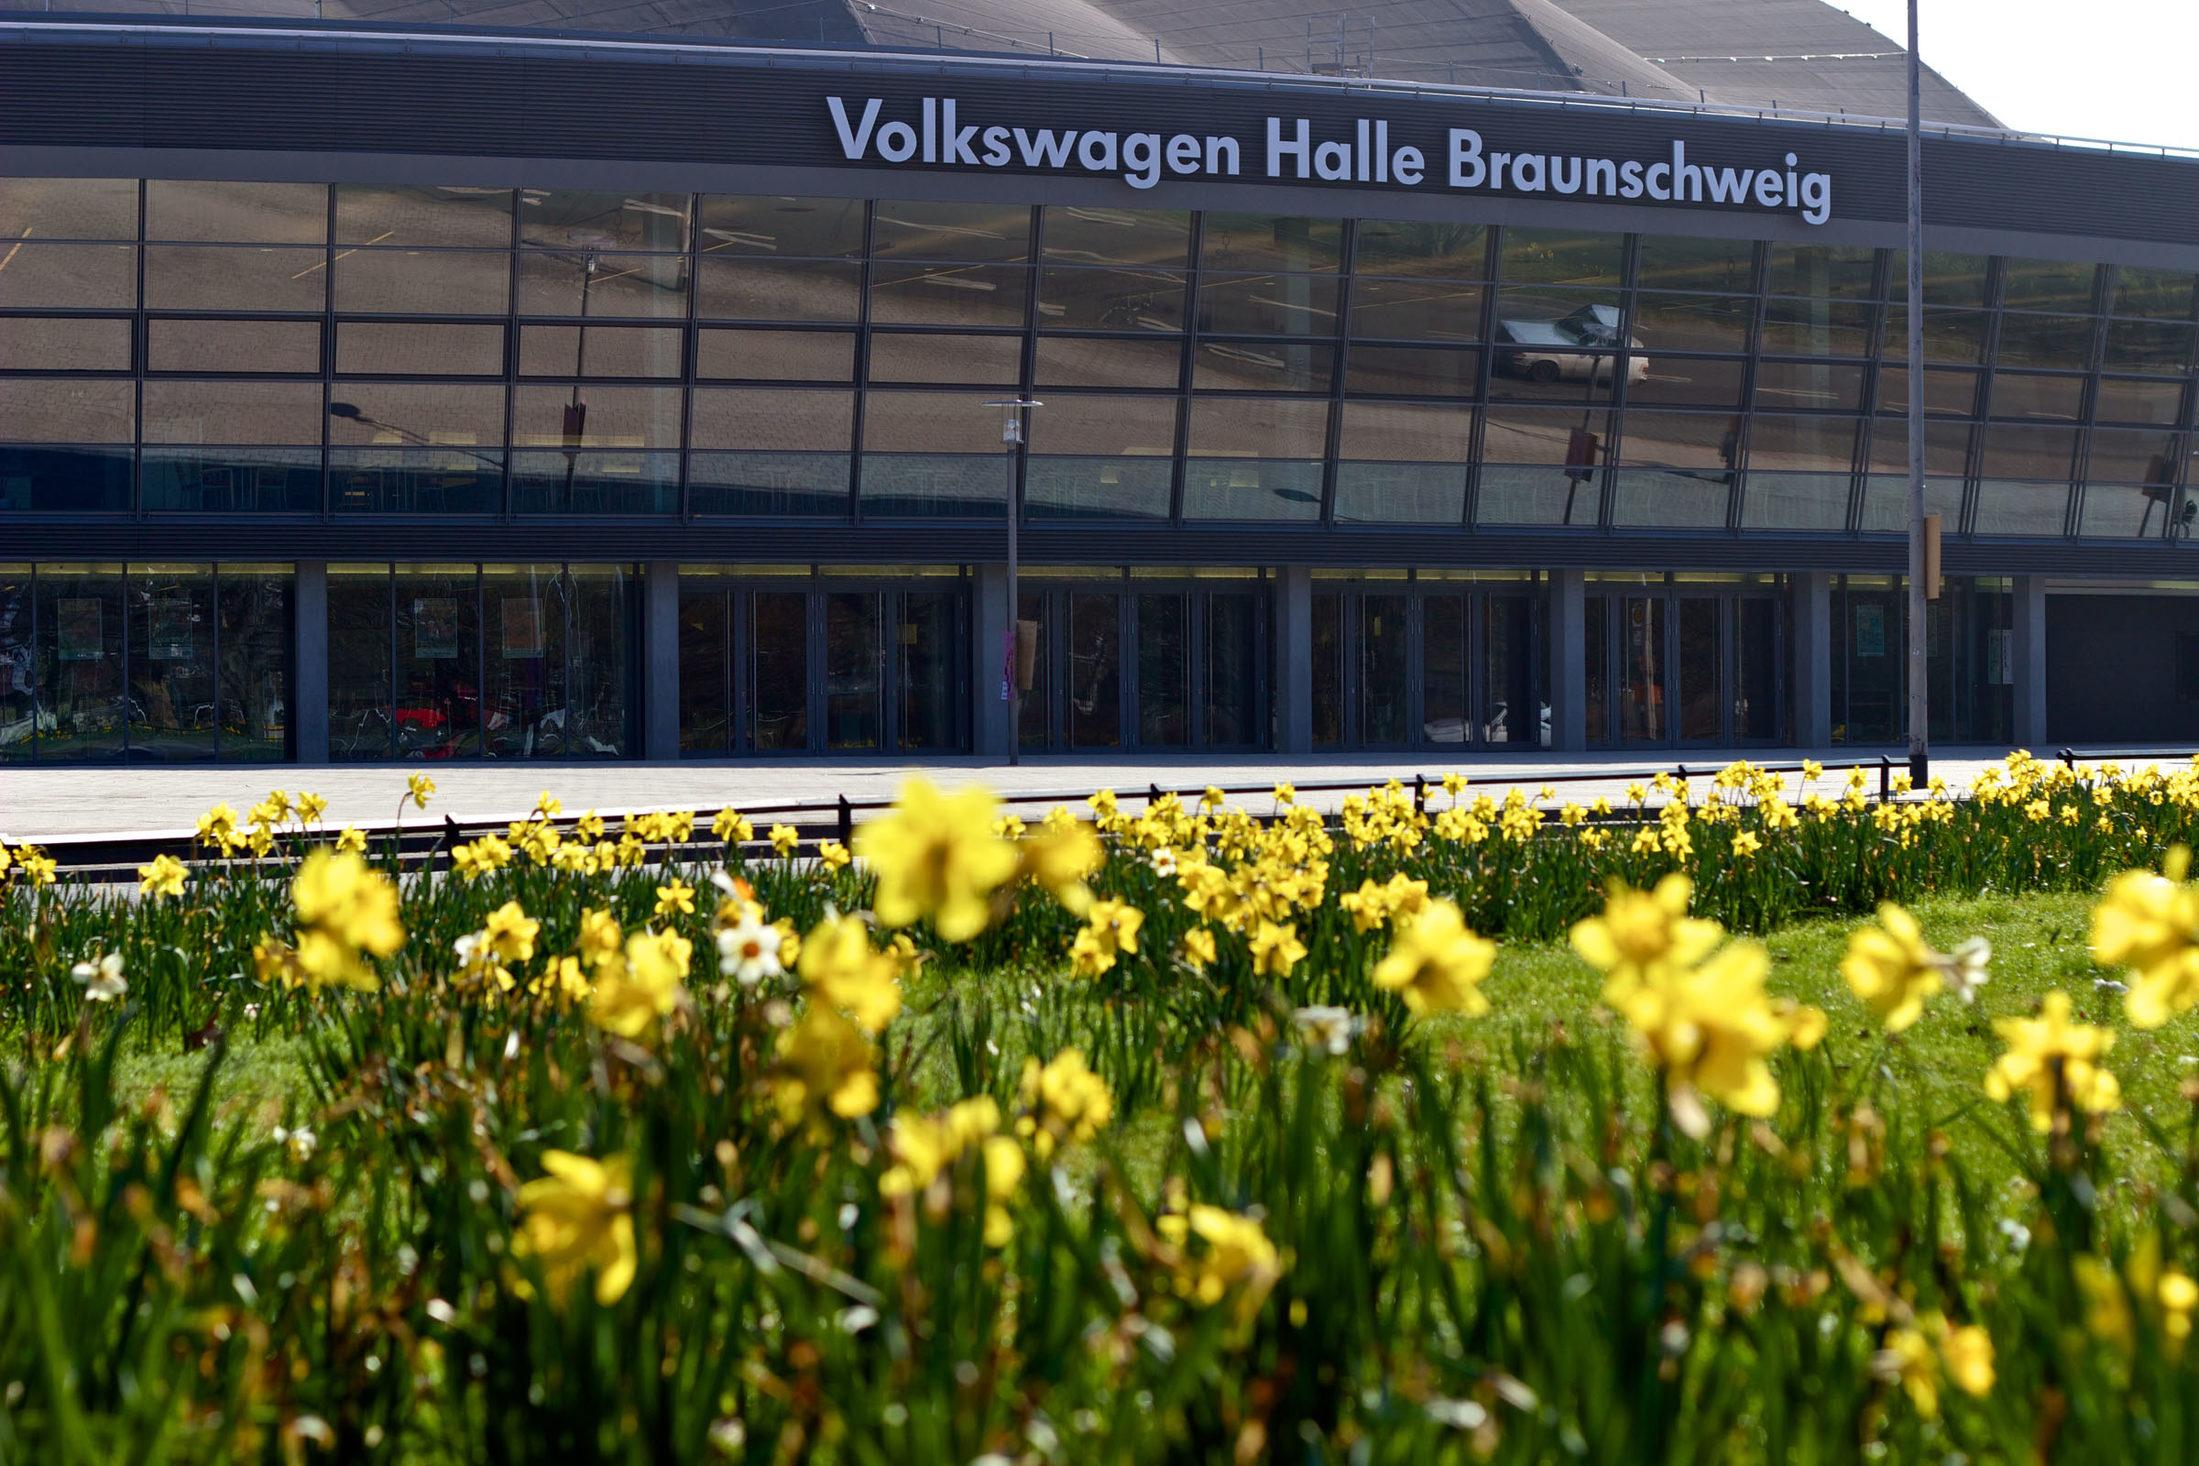 Halle Braunschweig